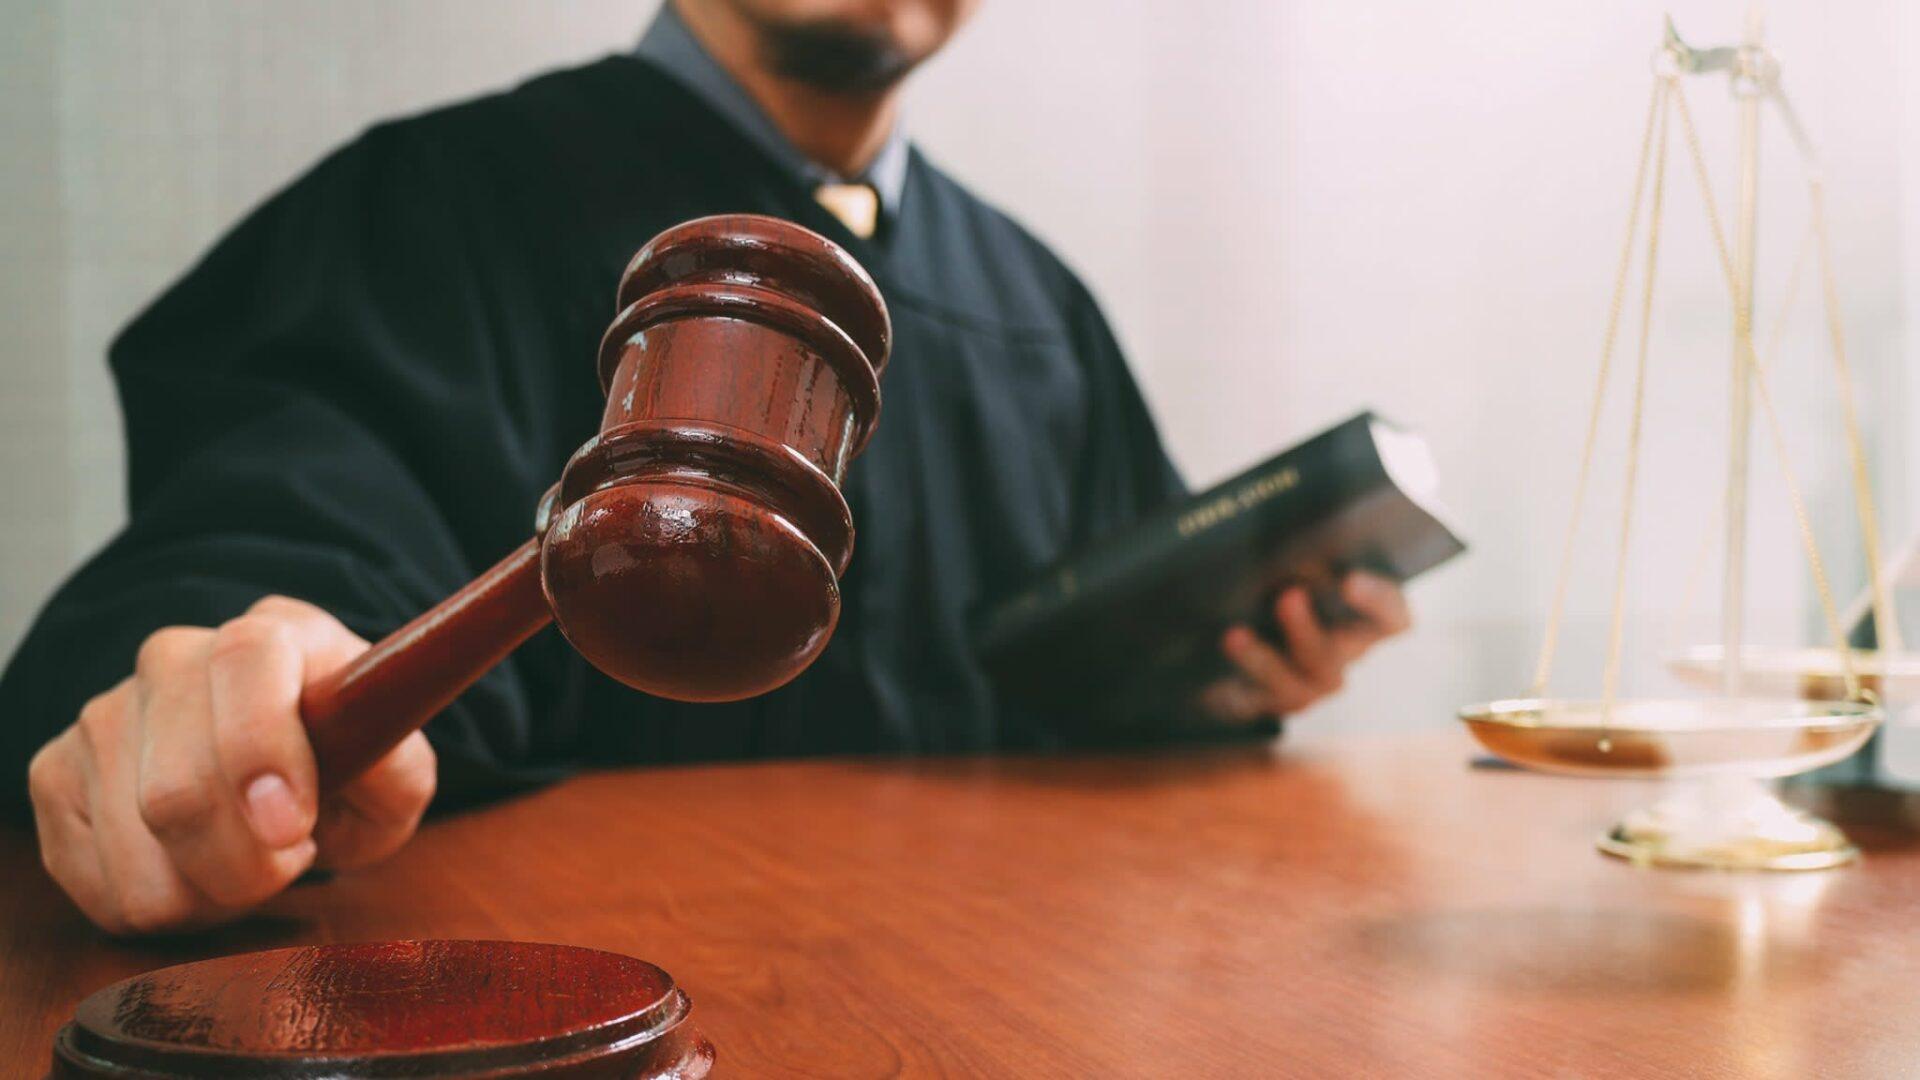 В Марий Эл перед судом предстанет организатор незаконных азартных игр